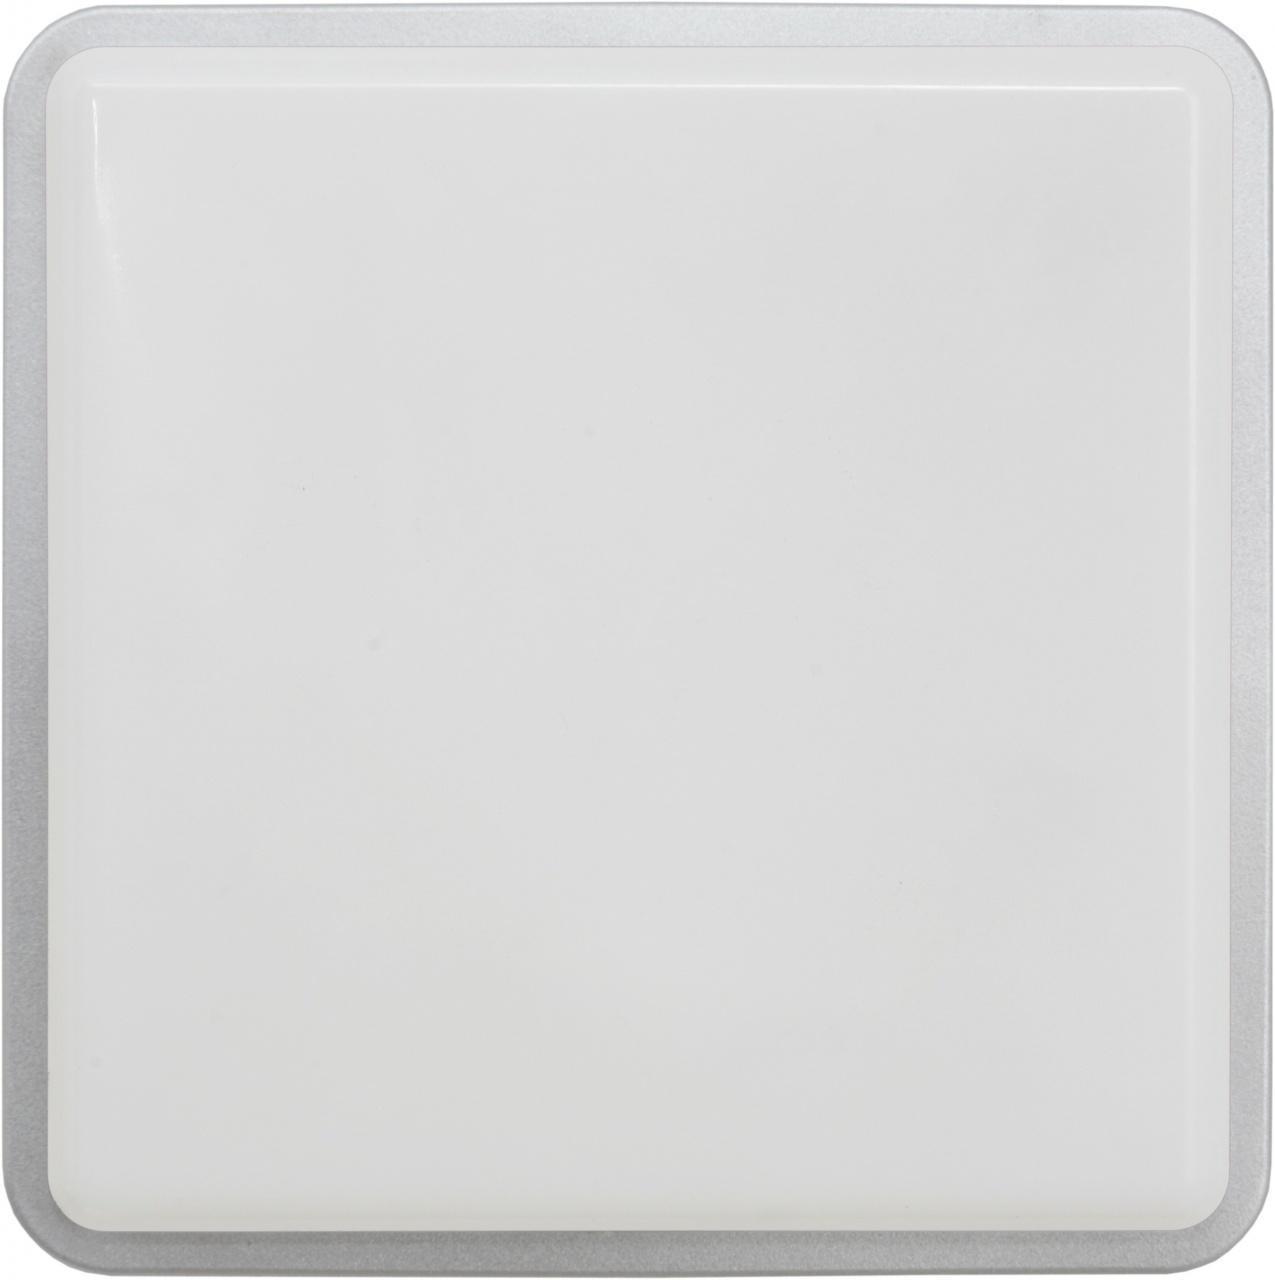 настенный светильник nowodvorski tahoe 3242 Настенный светильник Nowodvorski 3251, белый